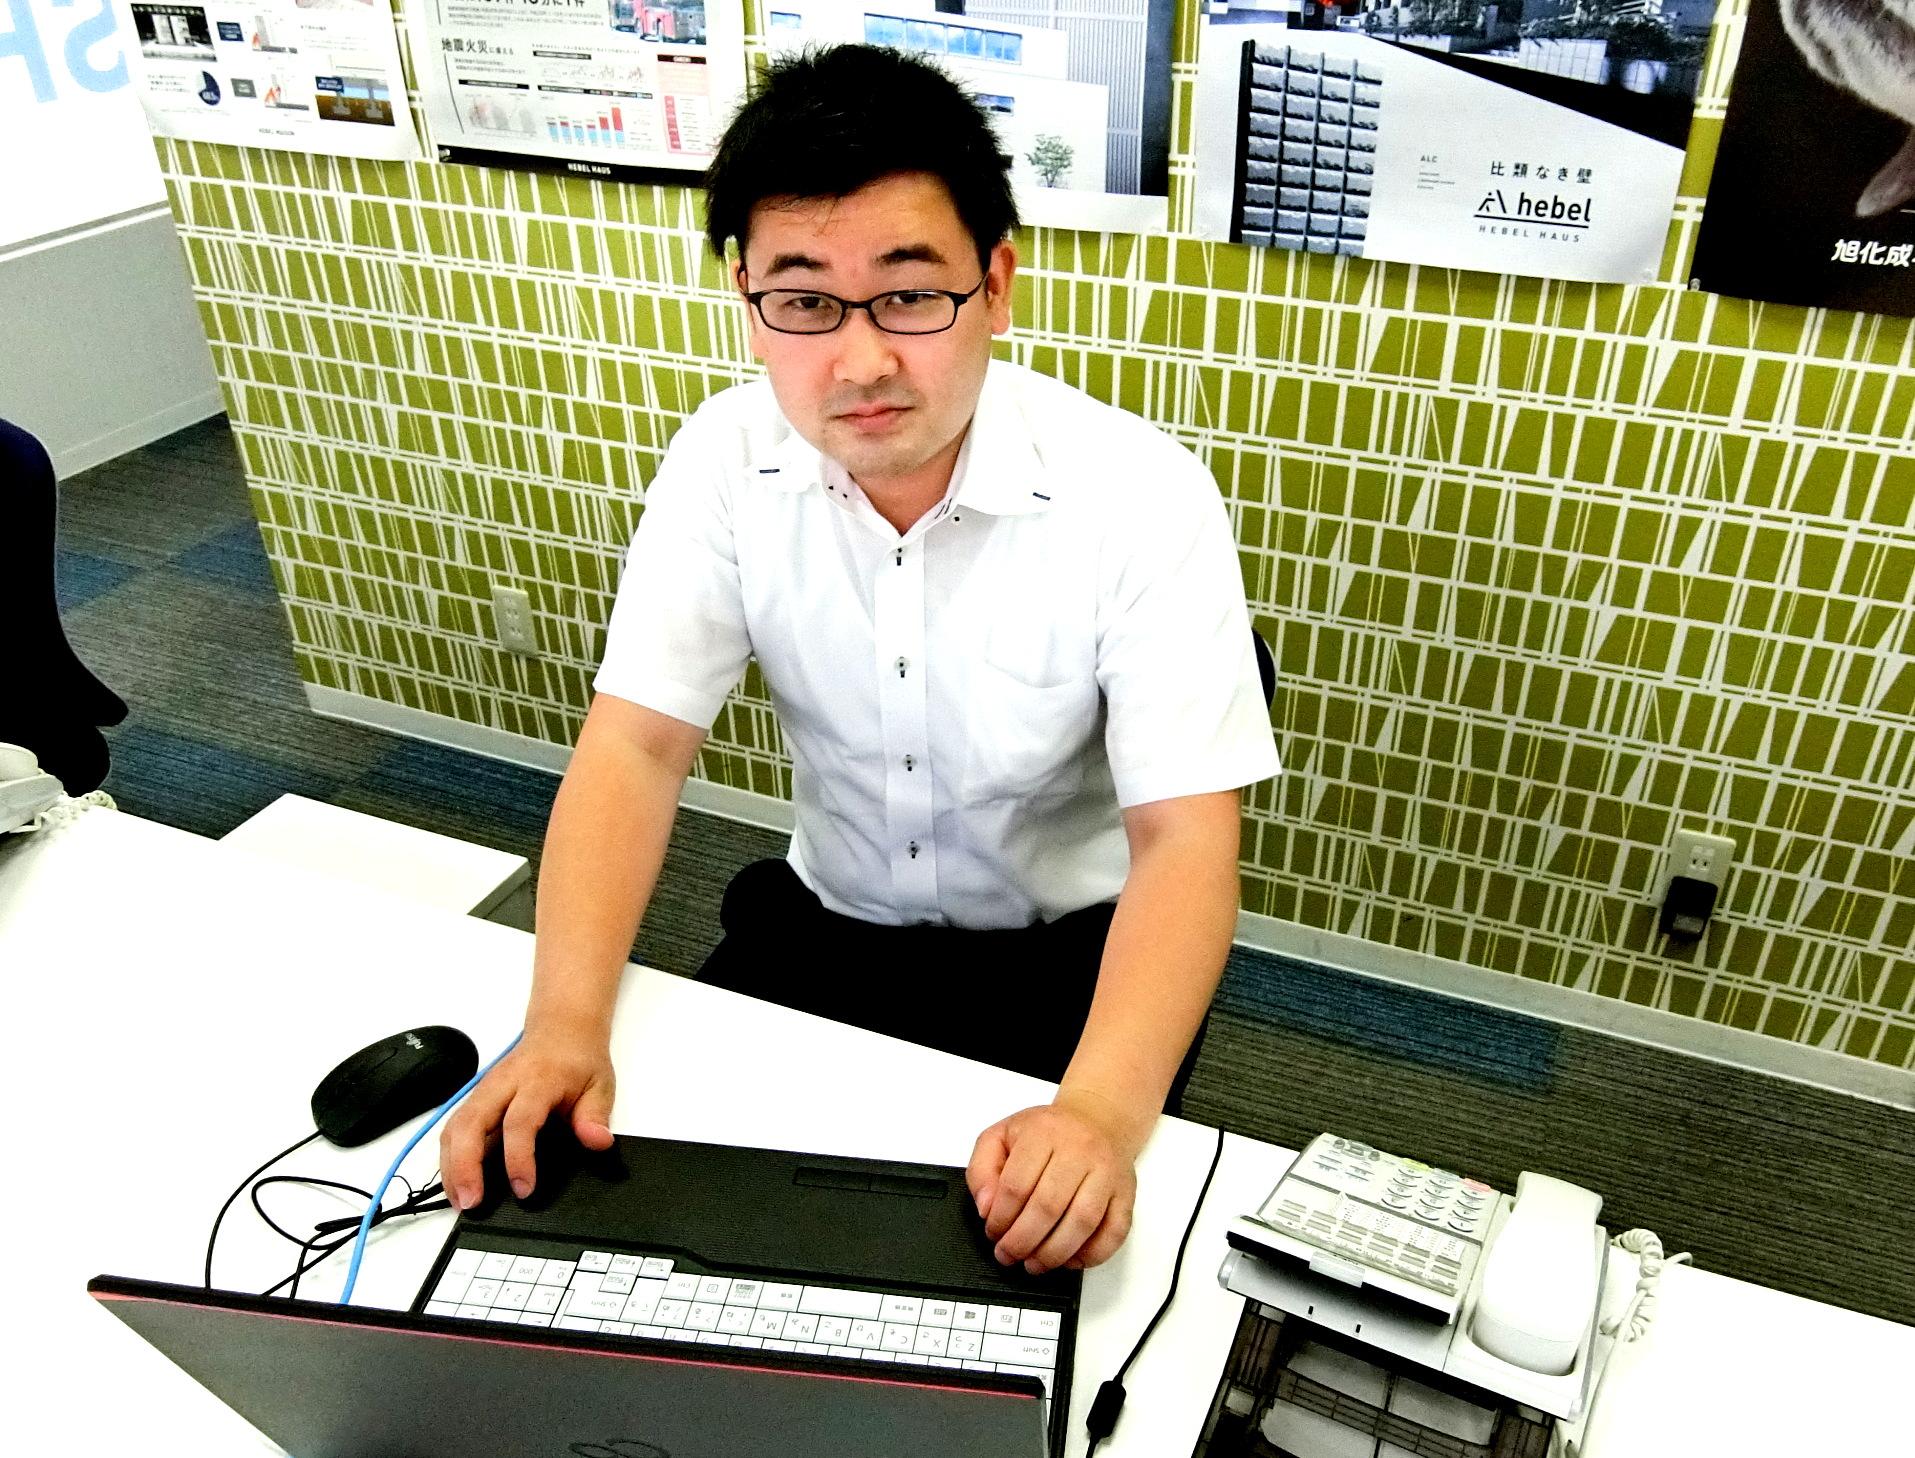 澤田 翔の画像